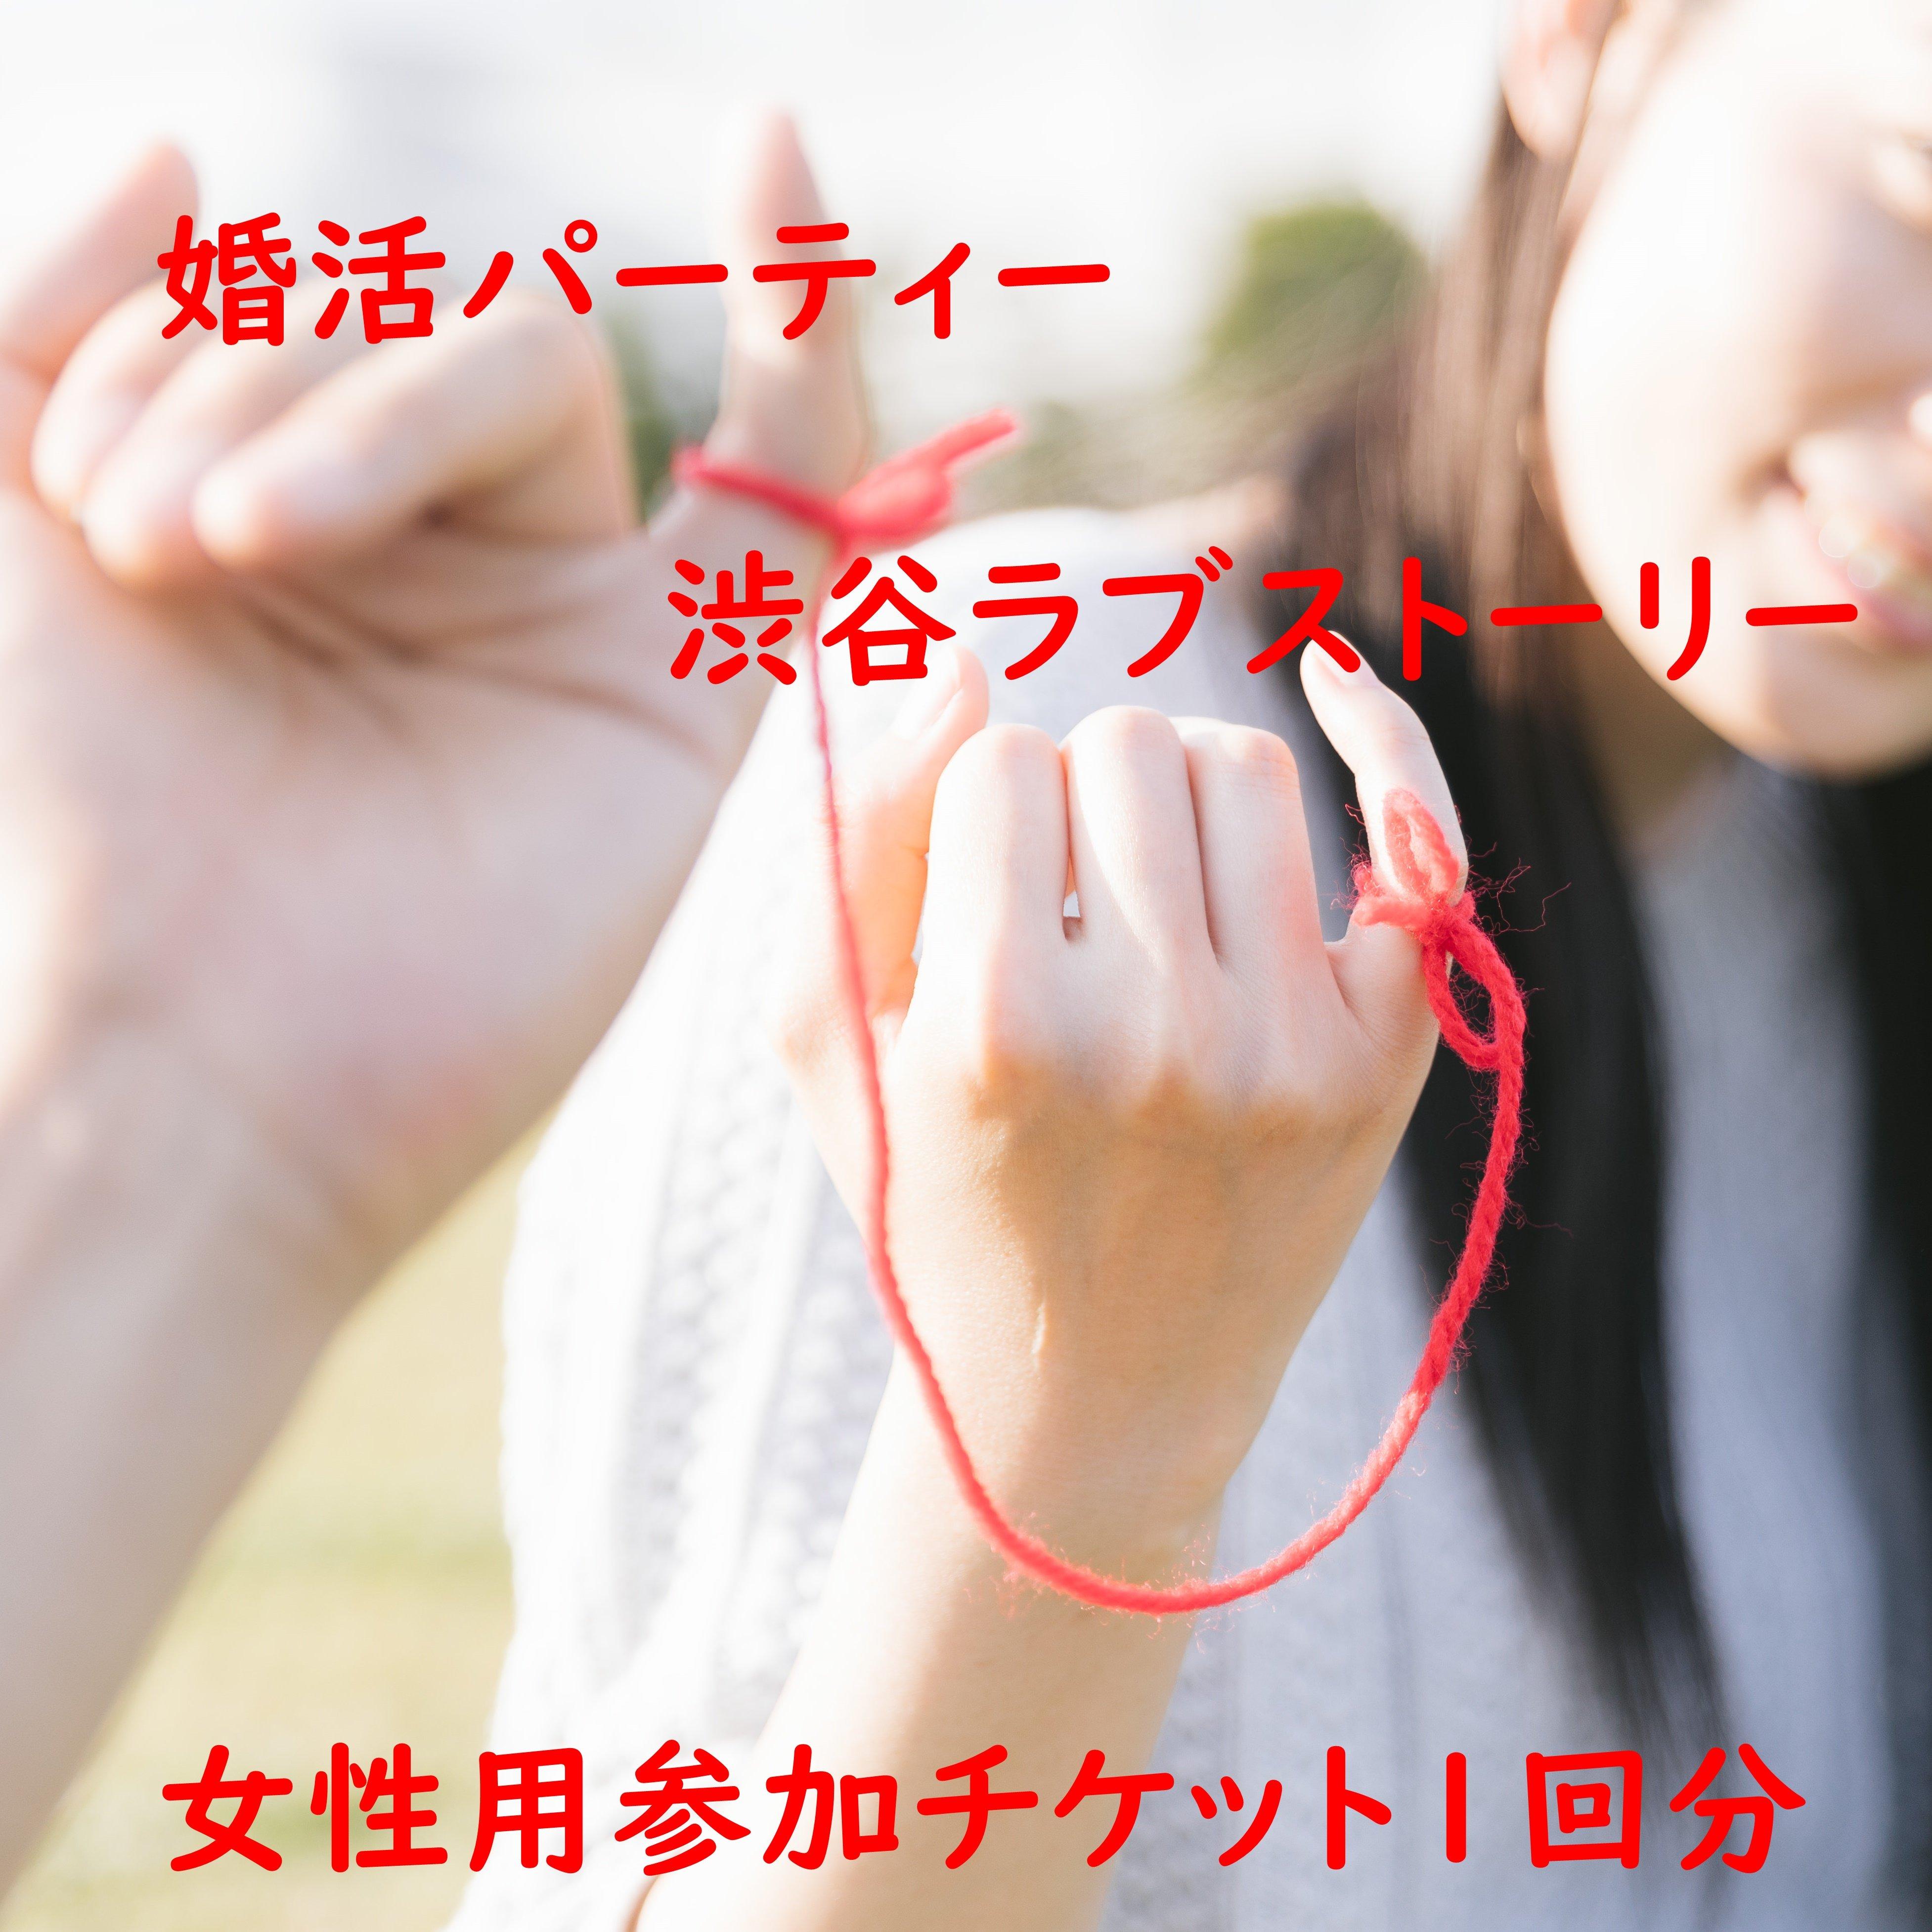 【オンライン婚活パーティー】渋谷ラブストーリー 7月 9日 女性参加チケットのイメージその2